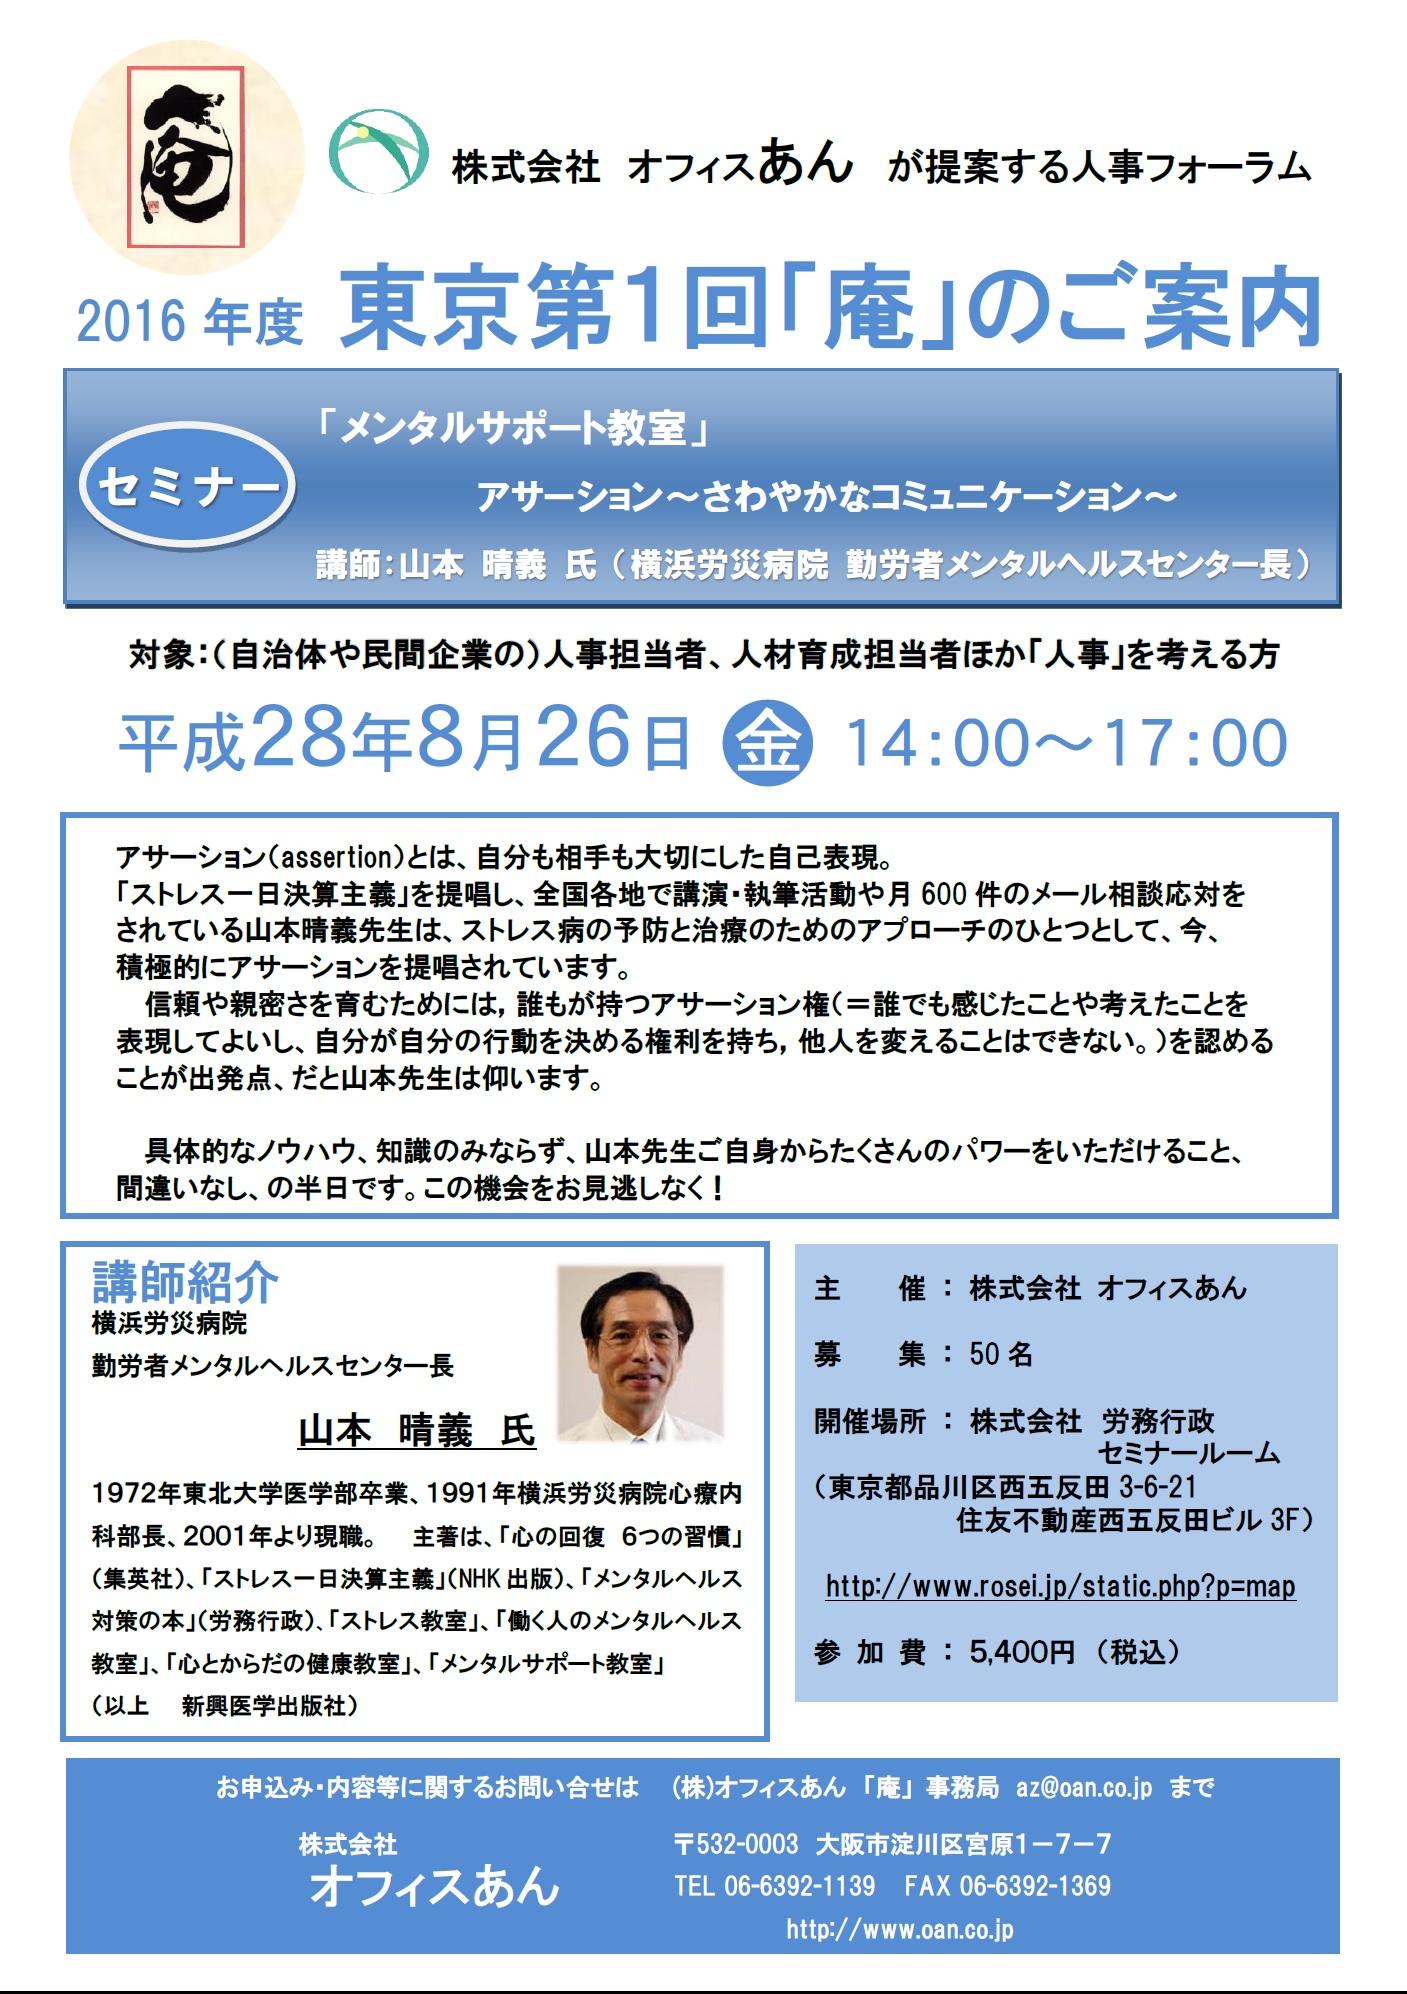 第1回2016年度 東京「庵」セミナー「メンタルサポート教室」アサーション~さわやかなコミュニケーション~